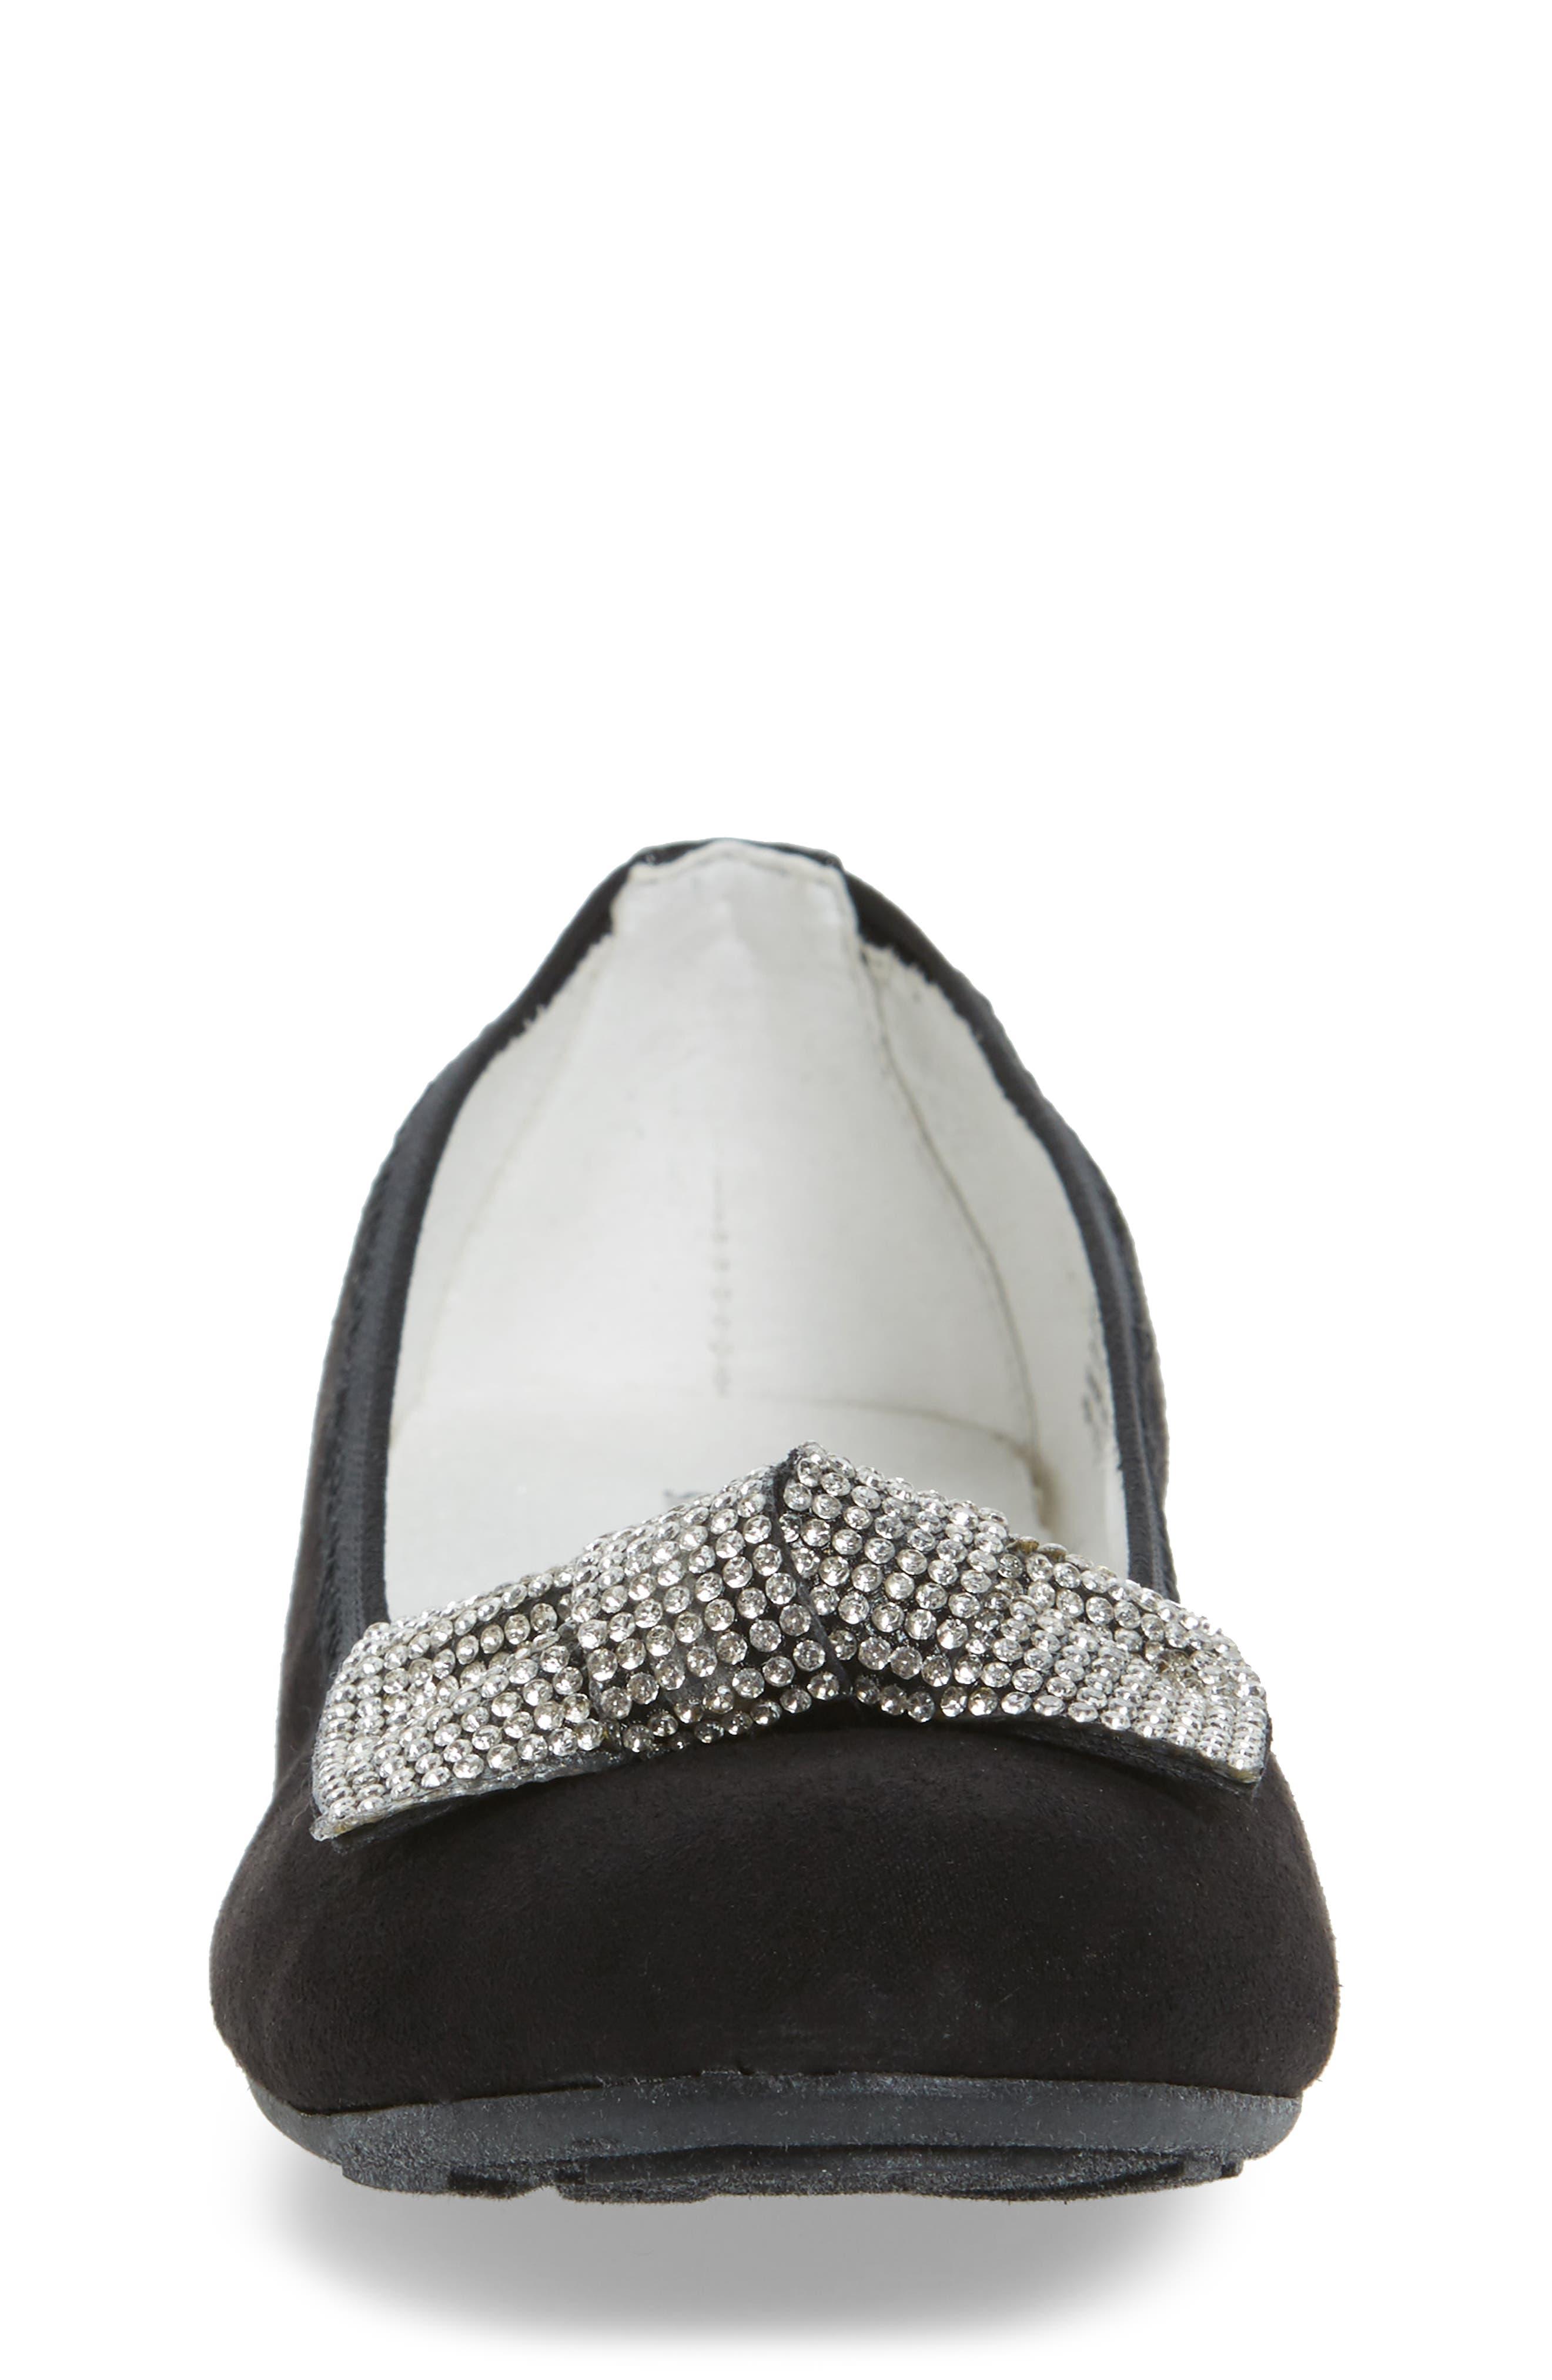 Fannie Glitz Ballet Flat,                             Alternate thumbnail 4, color,                             Black Faux Leather